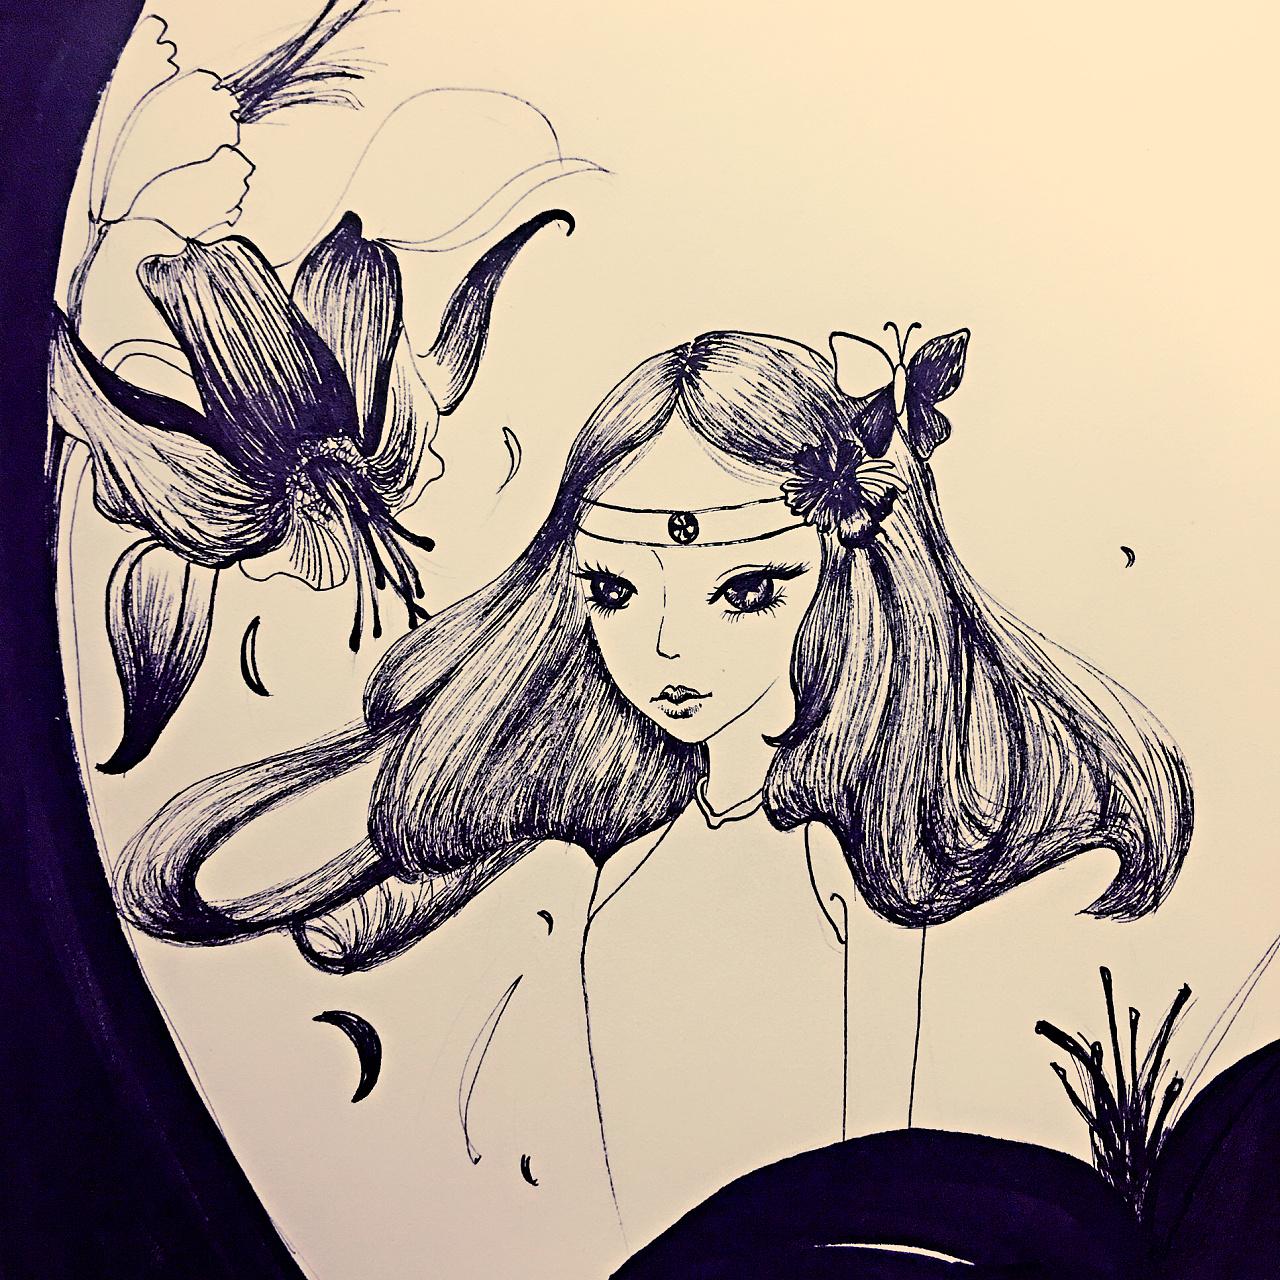 原创插画,插画女,黑白装饰画,手绘线描